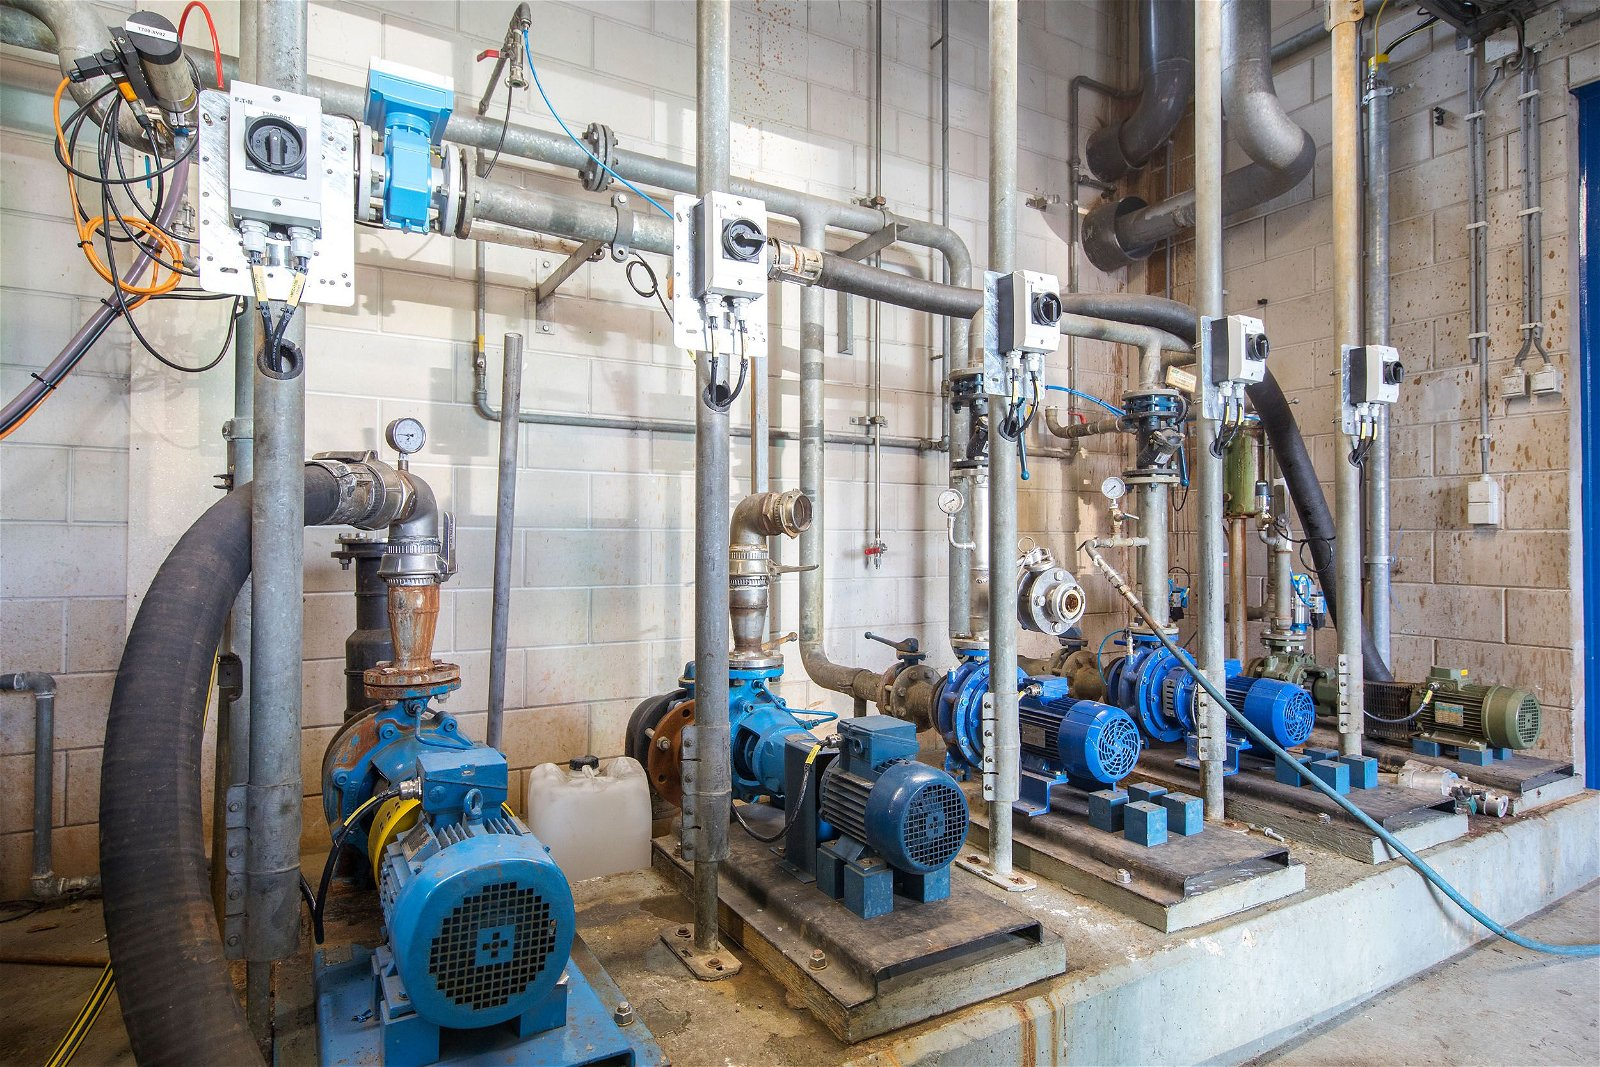 Hoppenbrouwers Techniek werkte mee aan de afvalwaterzuiveringsinstallatie voor Tank Services Pernis